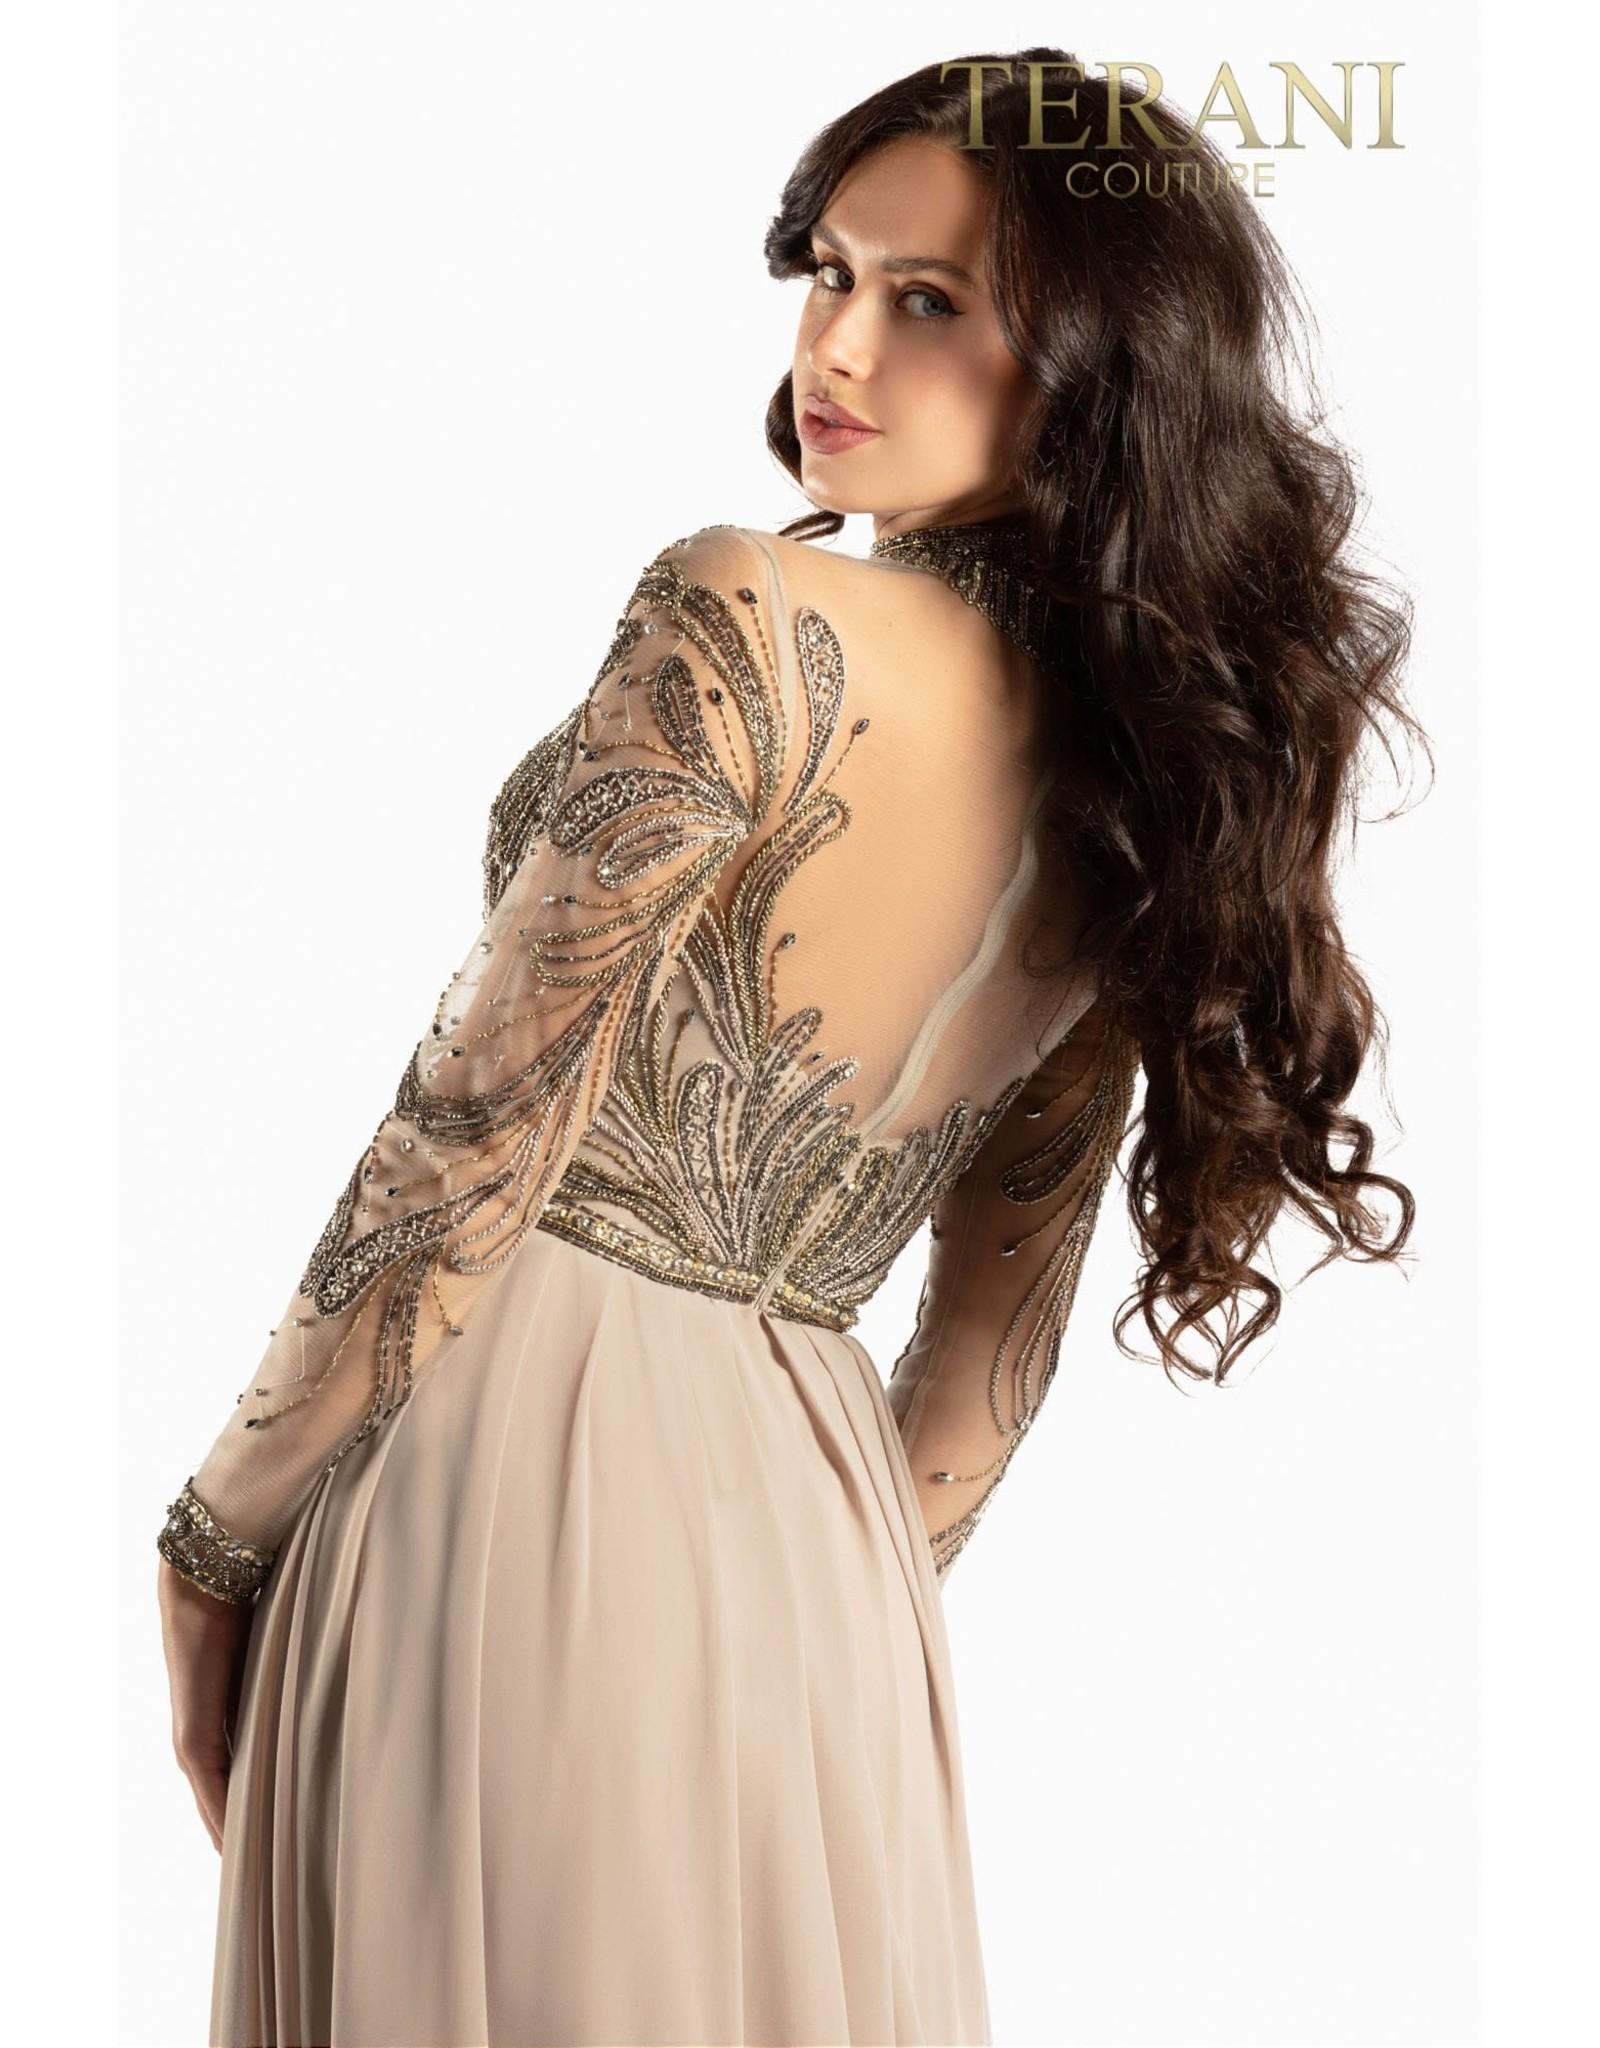 Terani 2011M2126 Terani Dresses